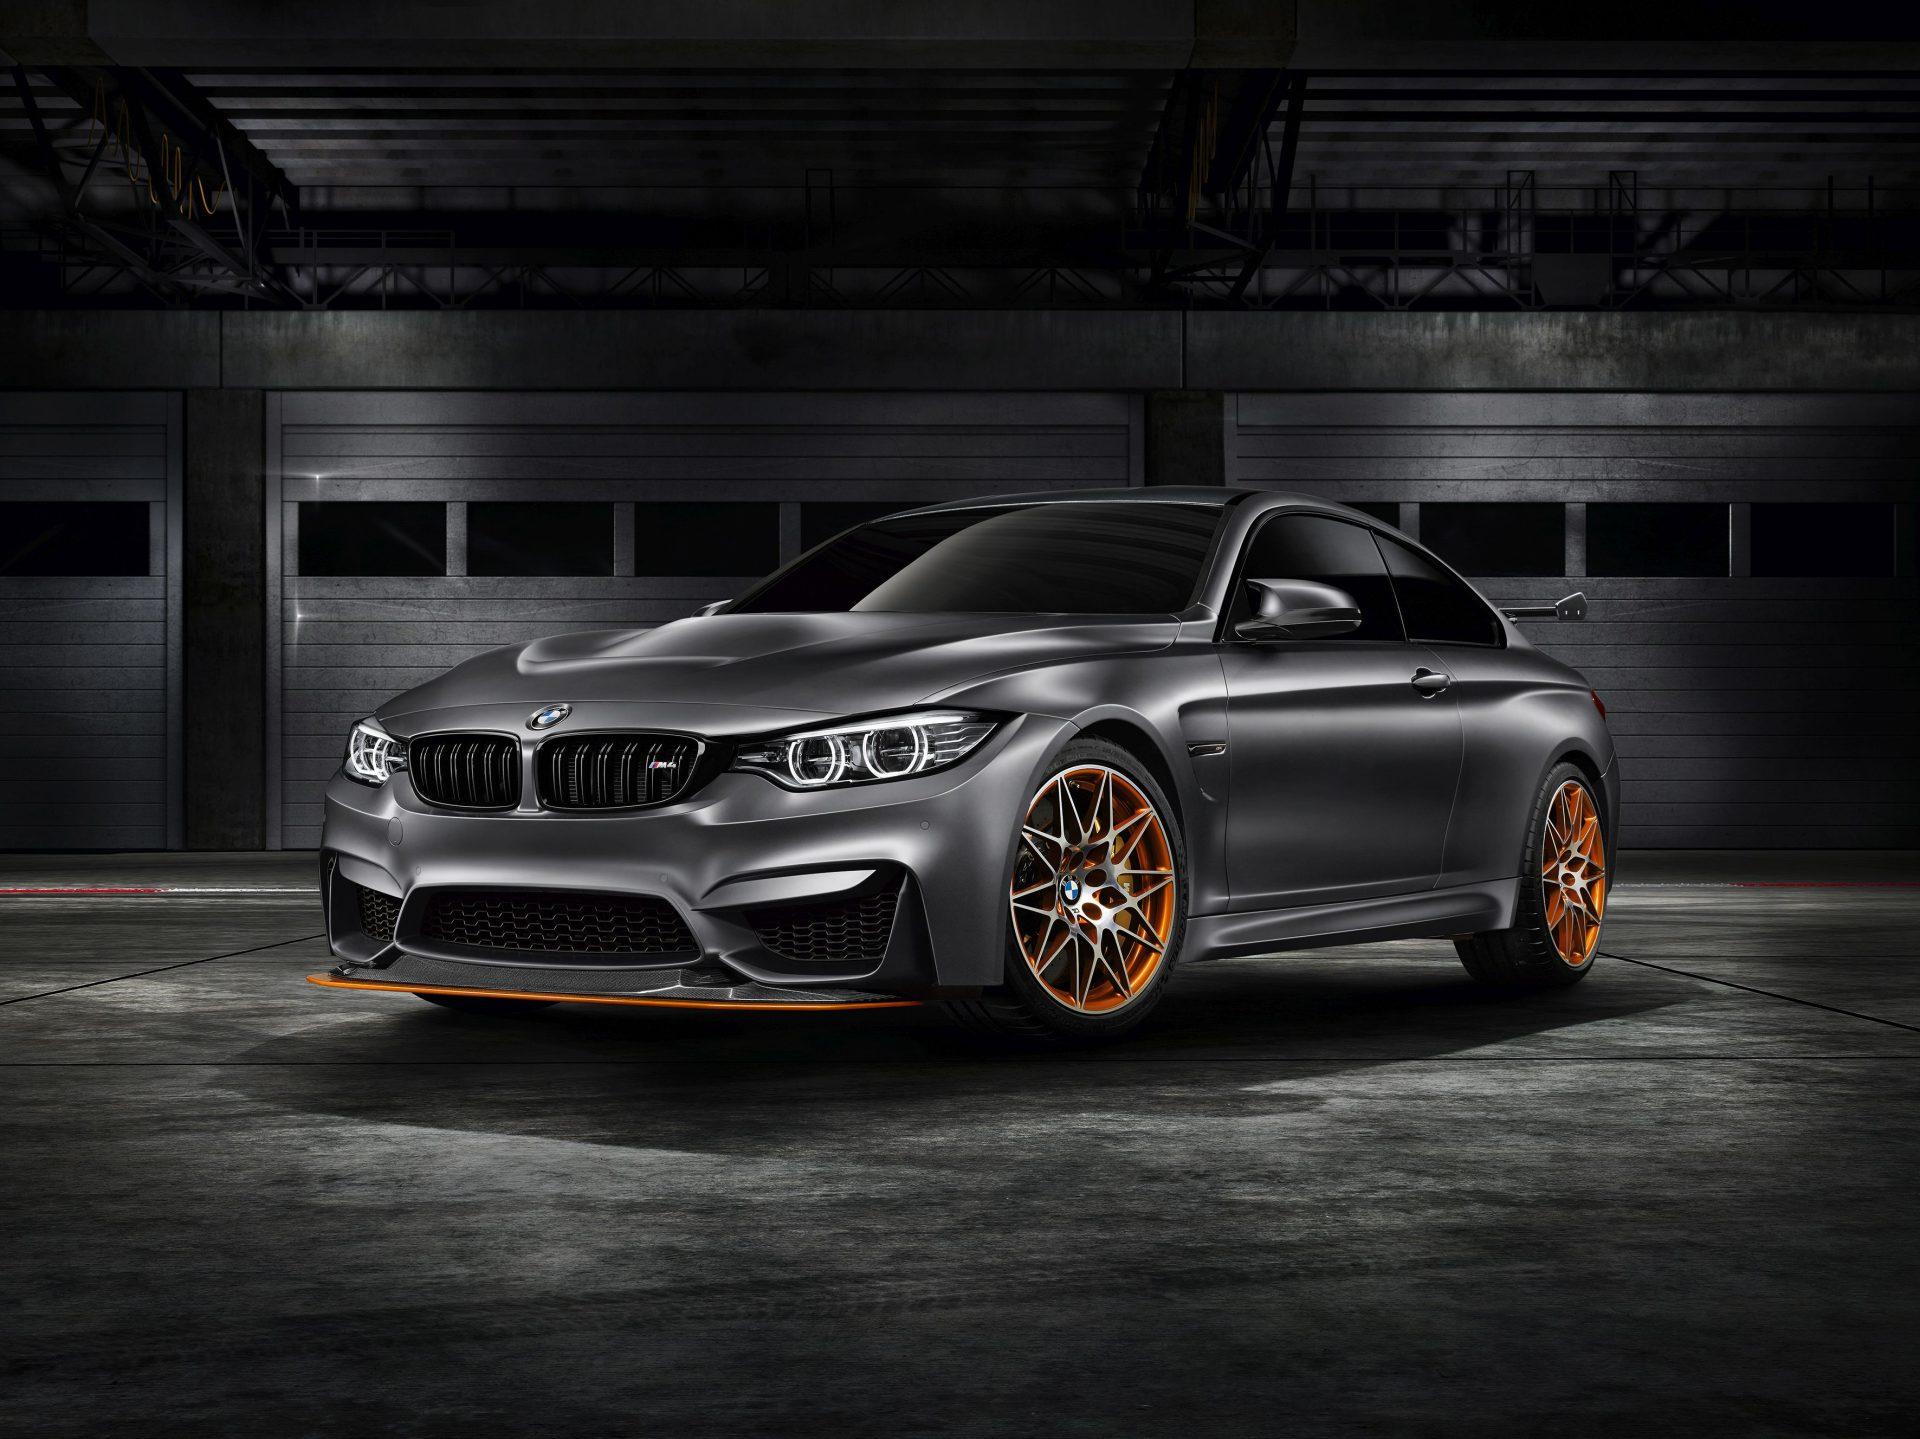 TRD-Exklusiv: BMW-Sonderserie ist reif für die Rundstrecke